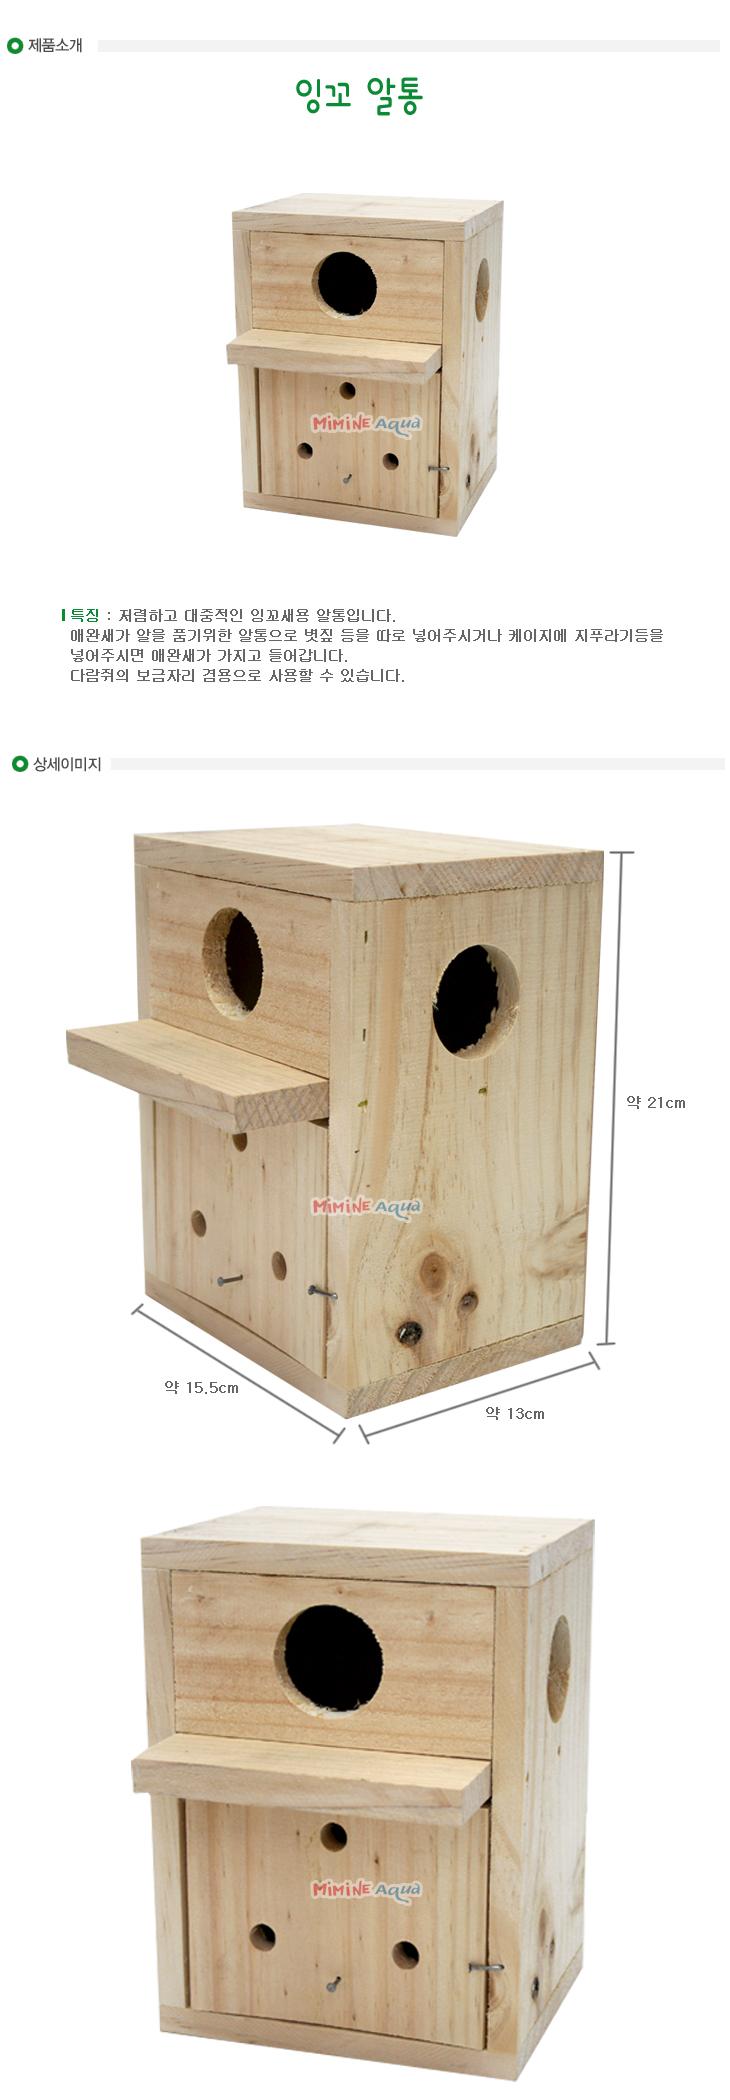 잉꼬알통 - (새부화 새알통) - 미미네아쿠아, 7,000원, 조류용품, 모이통/둥지